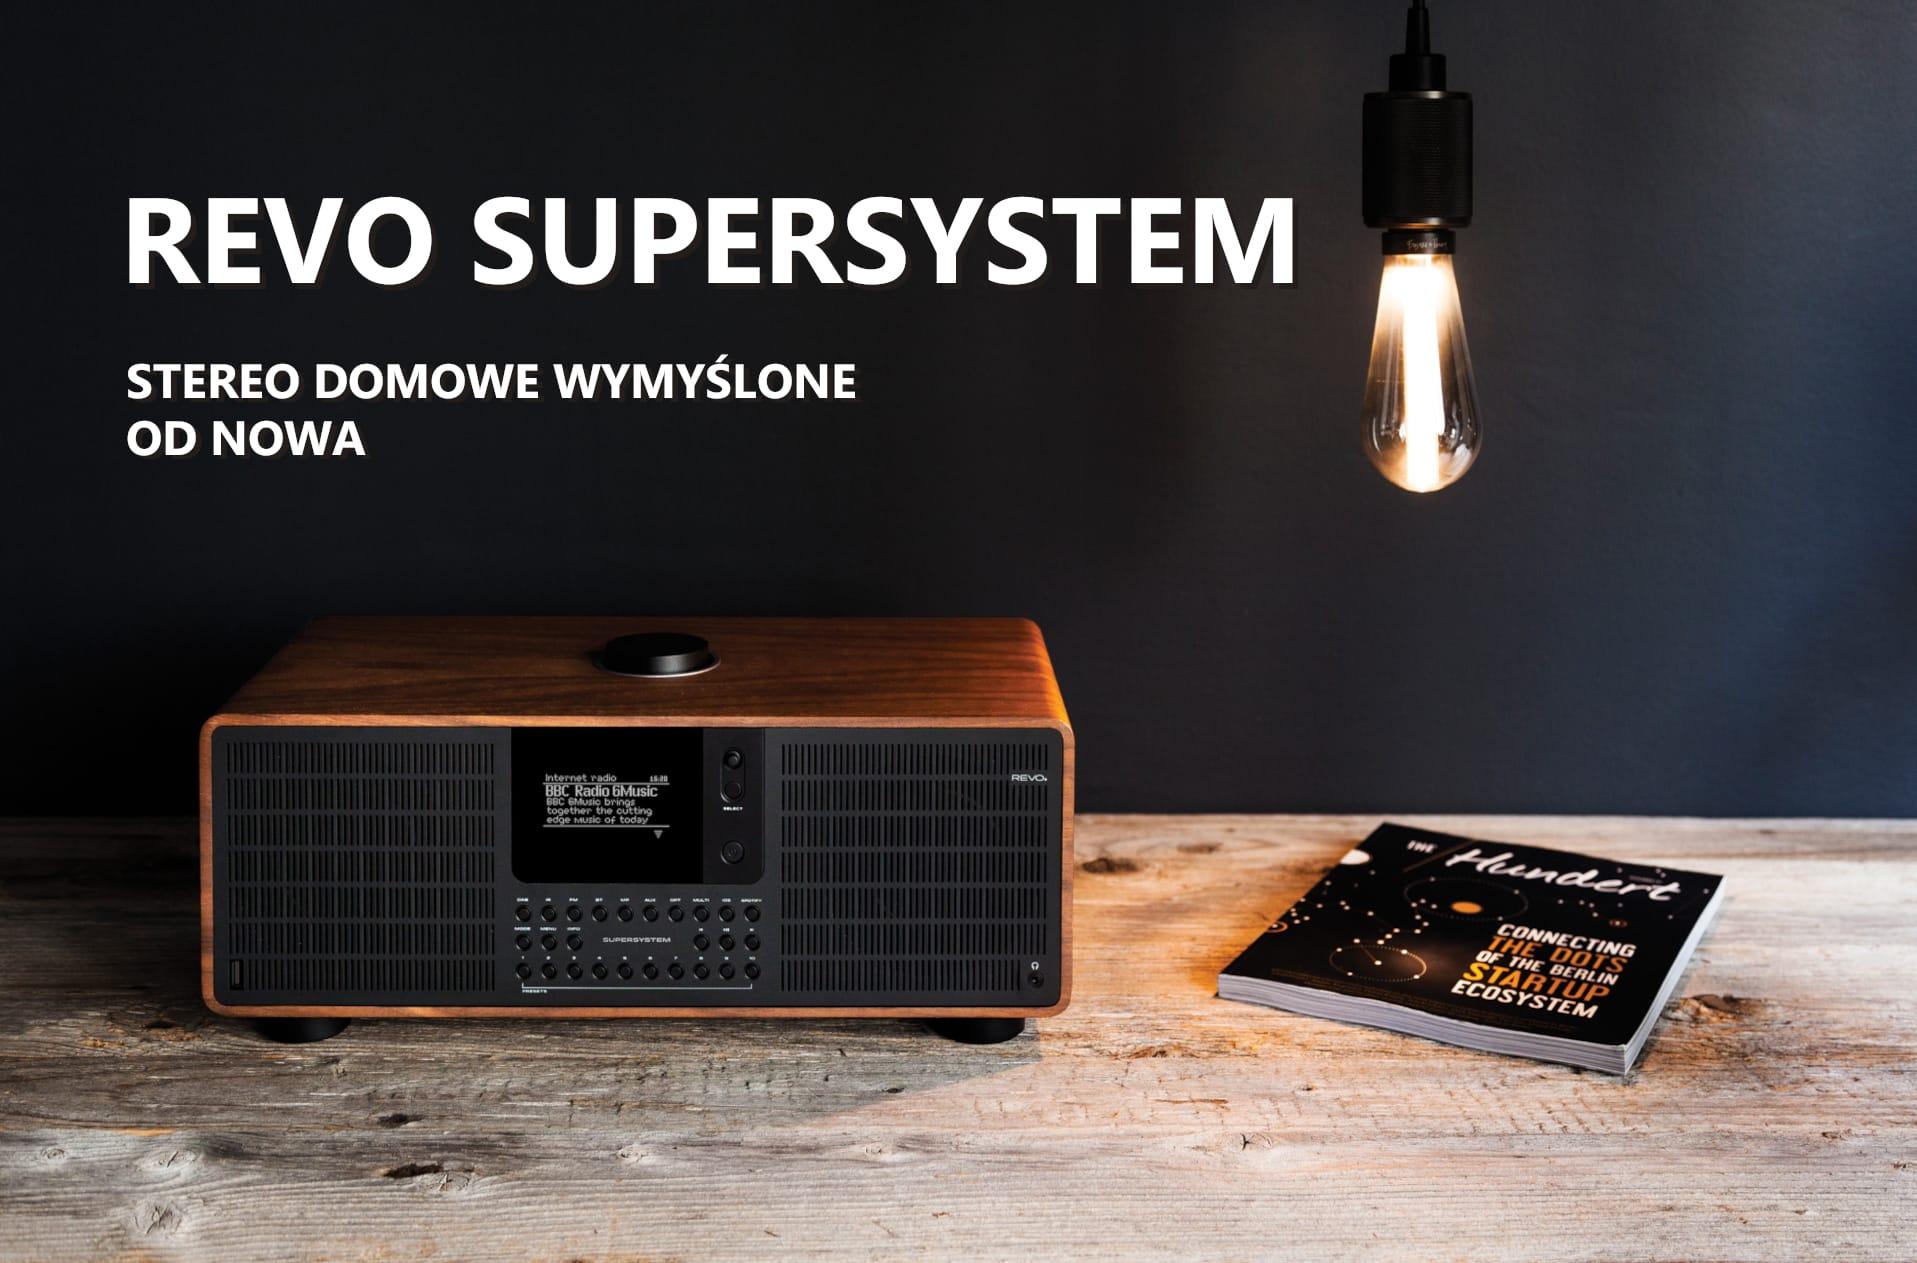 Stereo domowe wymyślone od nowa – REVO SuperSystem